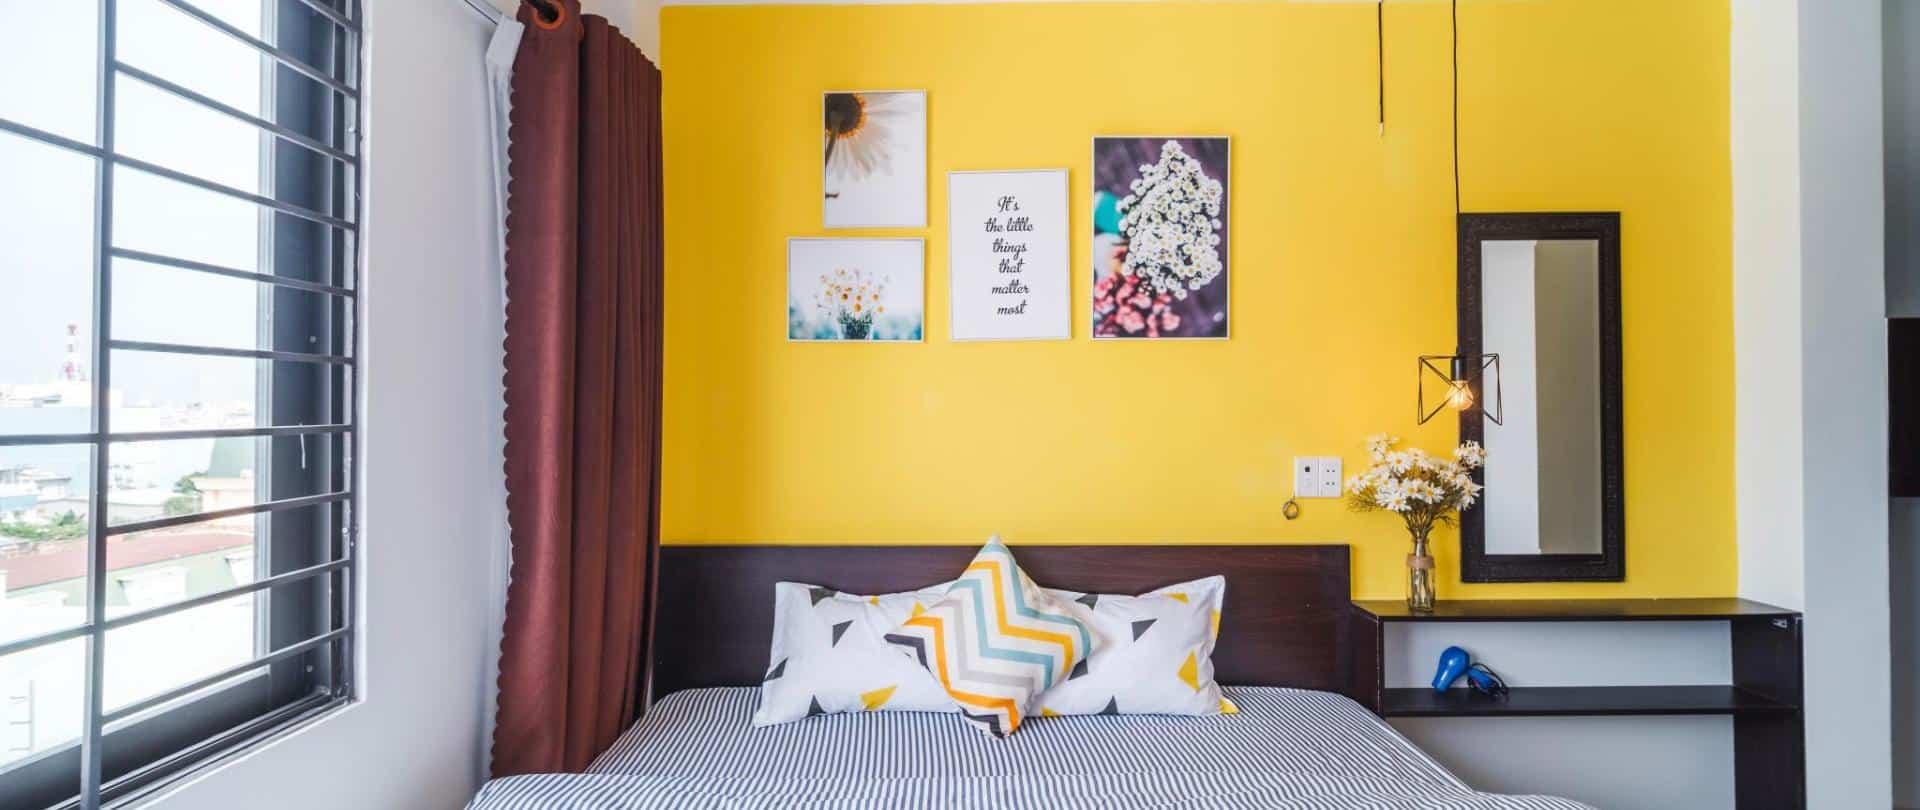 Phòng ngủ đơn được trang trí với màu sắc tự nhiên, tươi sáng